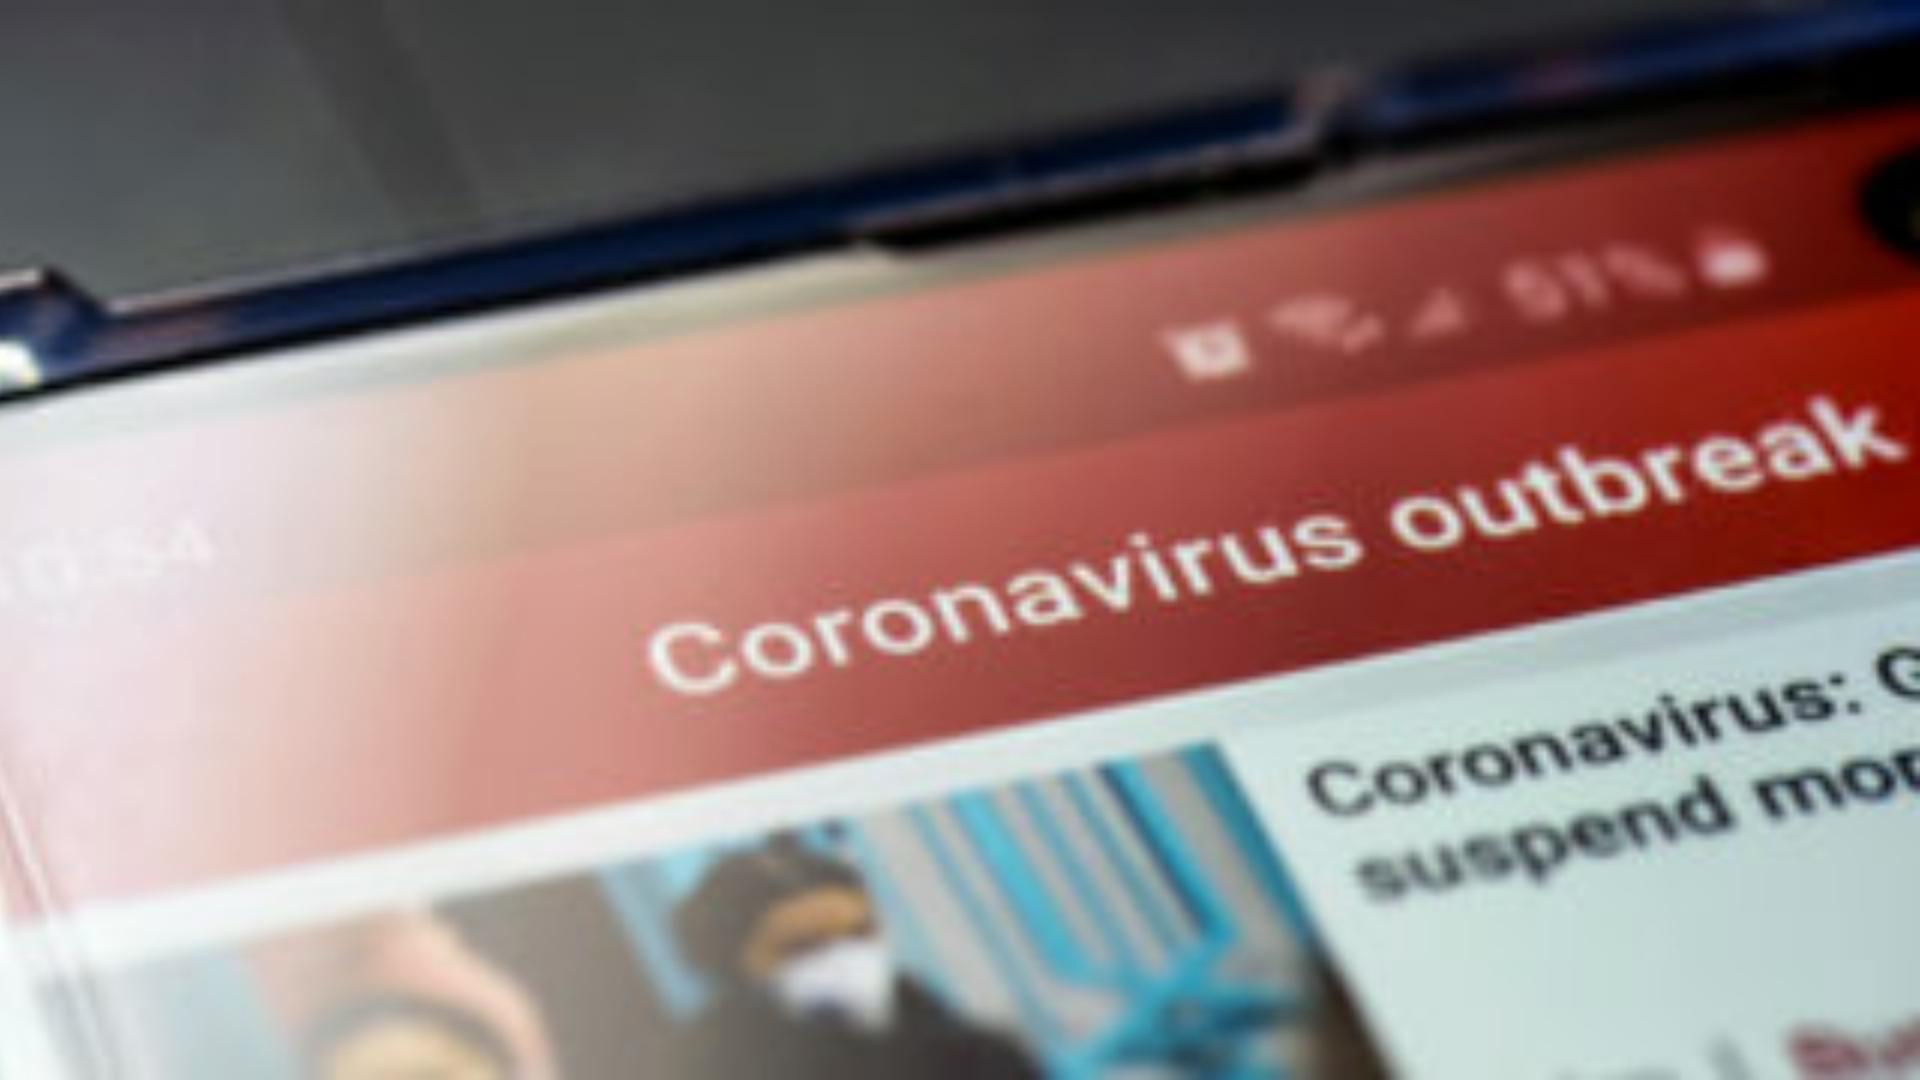 COVID-19: Încă trei cazuri în Anglia, în total 23 de cazuri confirmate